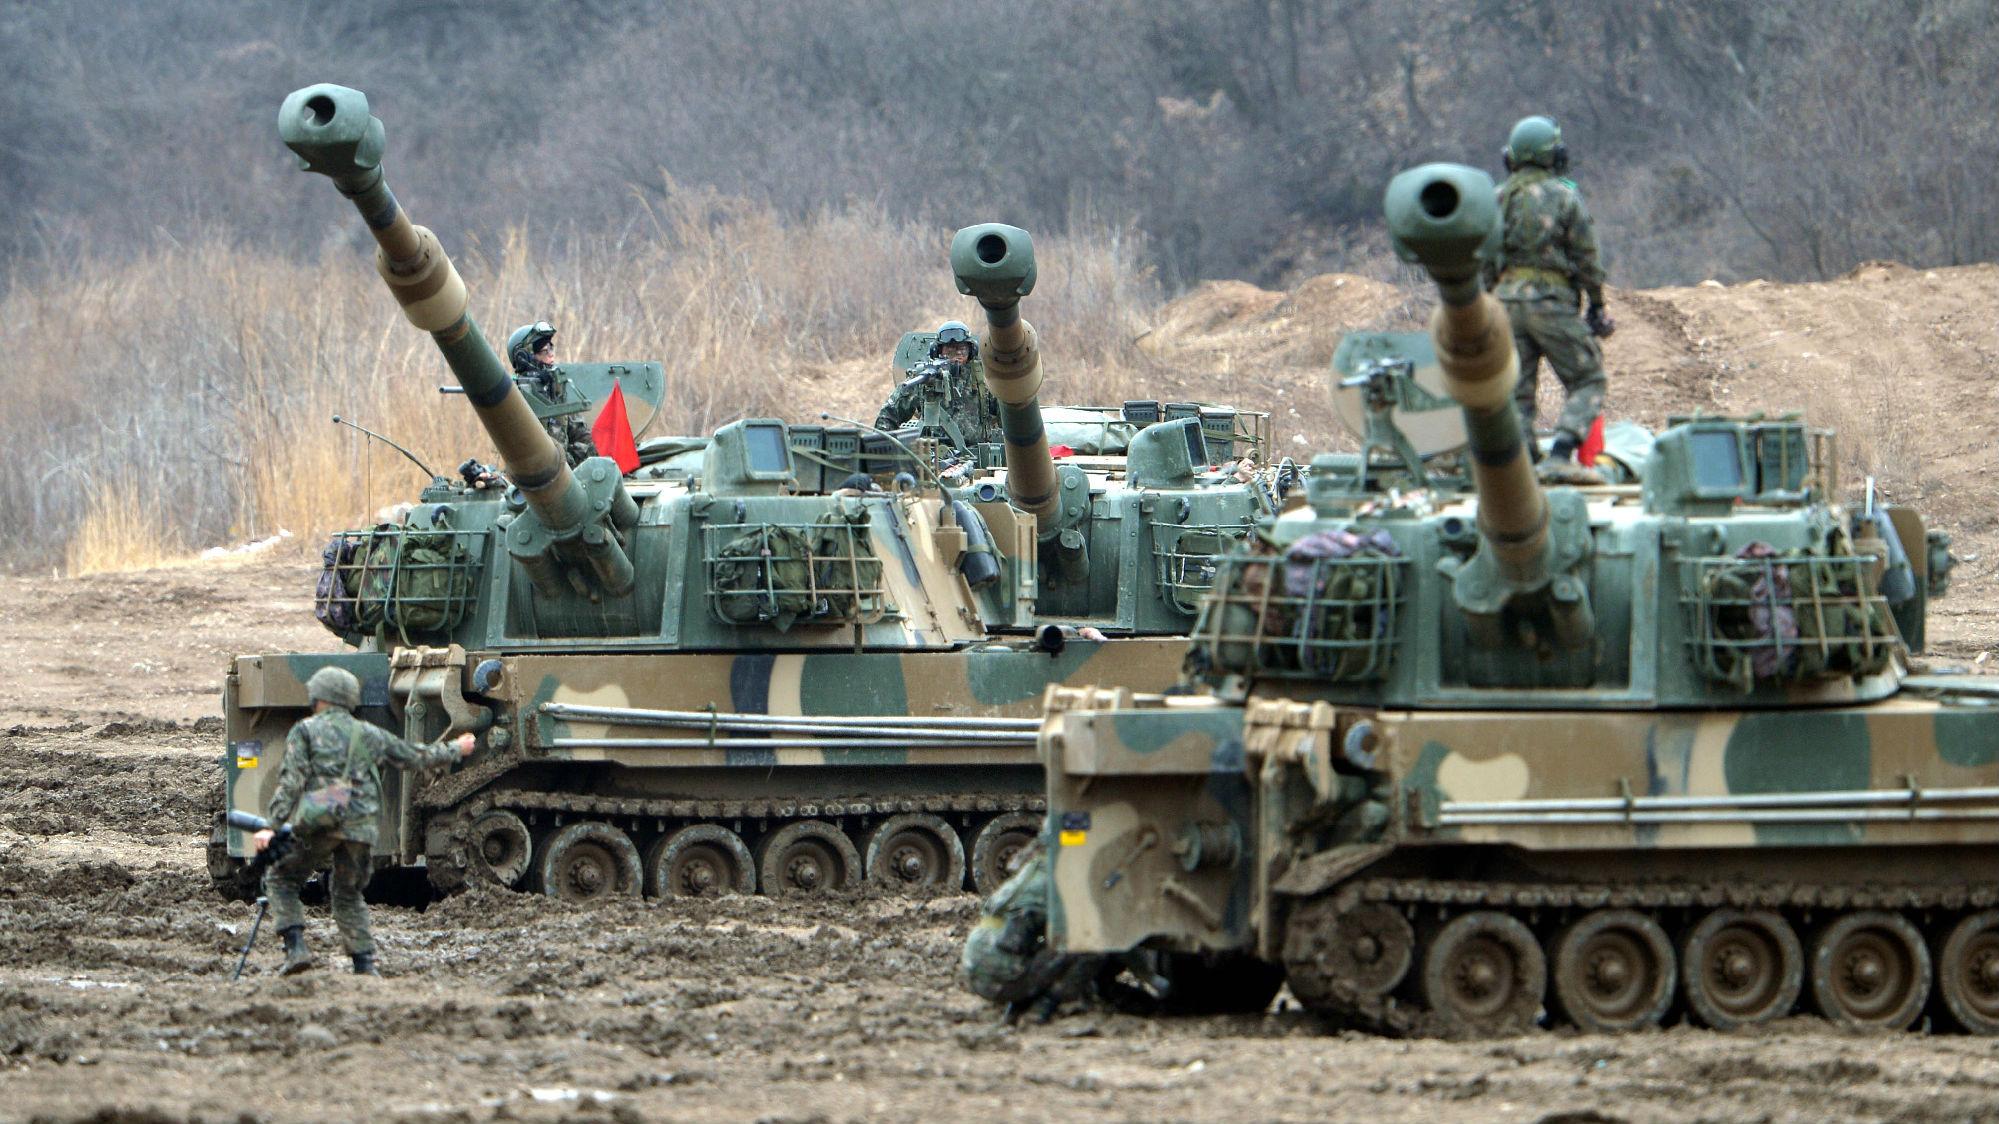 韩美商定暂停8月联合军演 韩媒:朝鲜无核化措施引关注